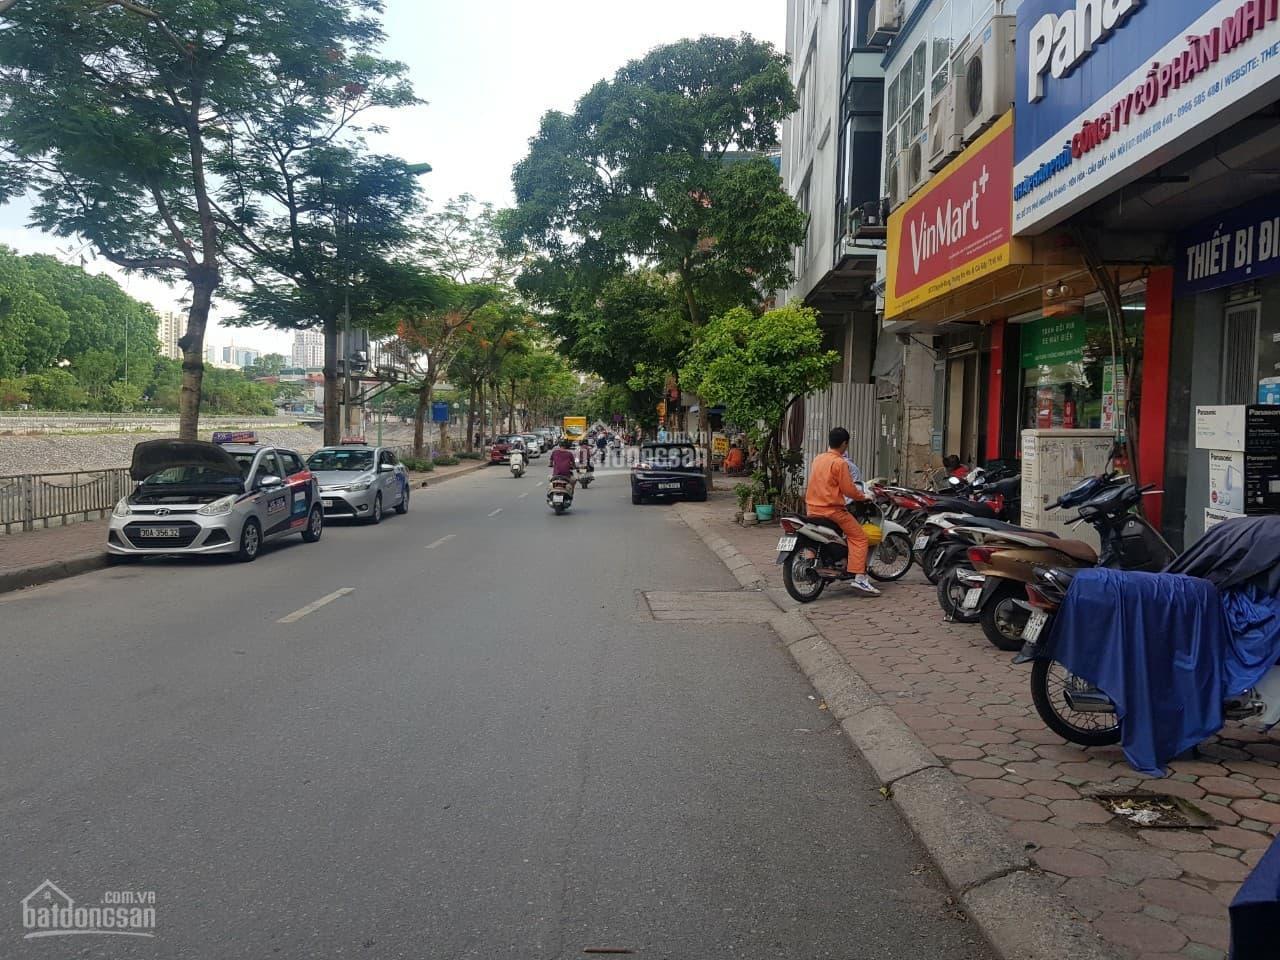 Bán nhà mặt phố Nguyễn Khang, Cầu Giấy, 45m2